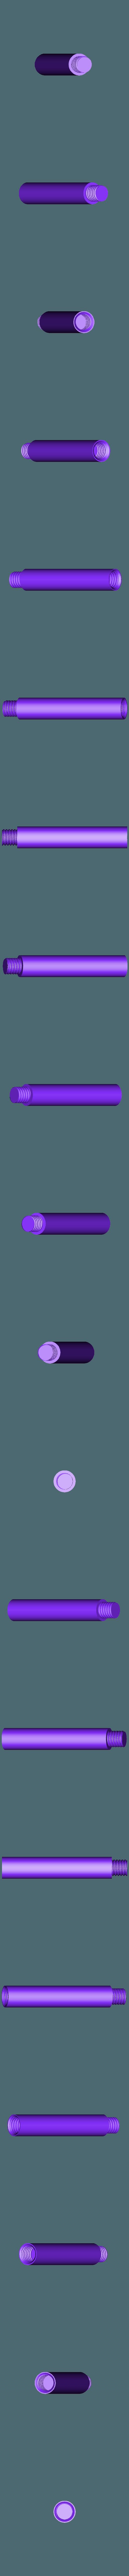 Feu3_tube_5_cm_.stl Télécharger fichier STL gratuit Feu tricolore - Feu tricolore • Modèle à imprimer en 3D, jeek25